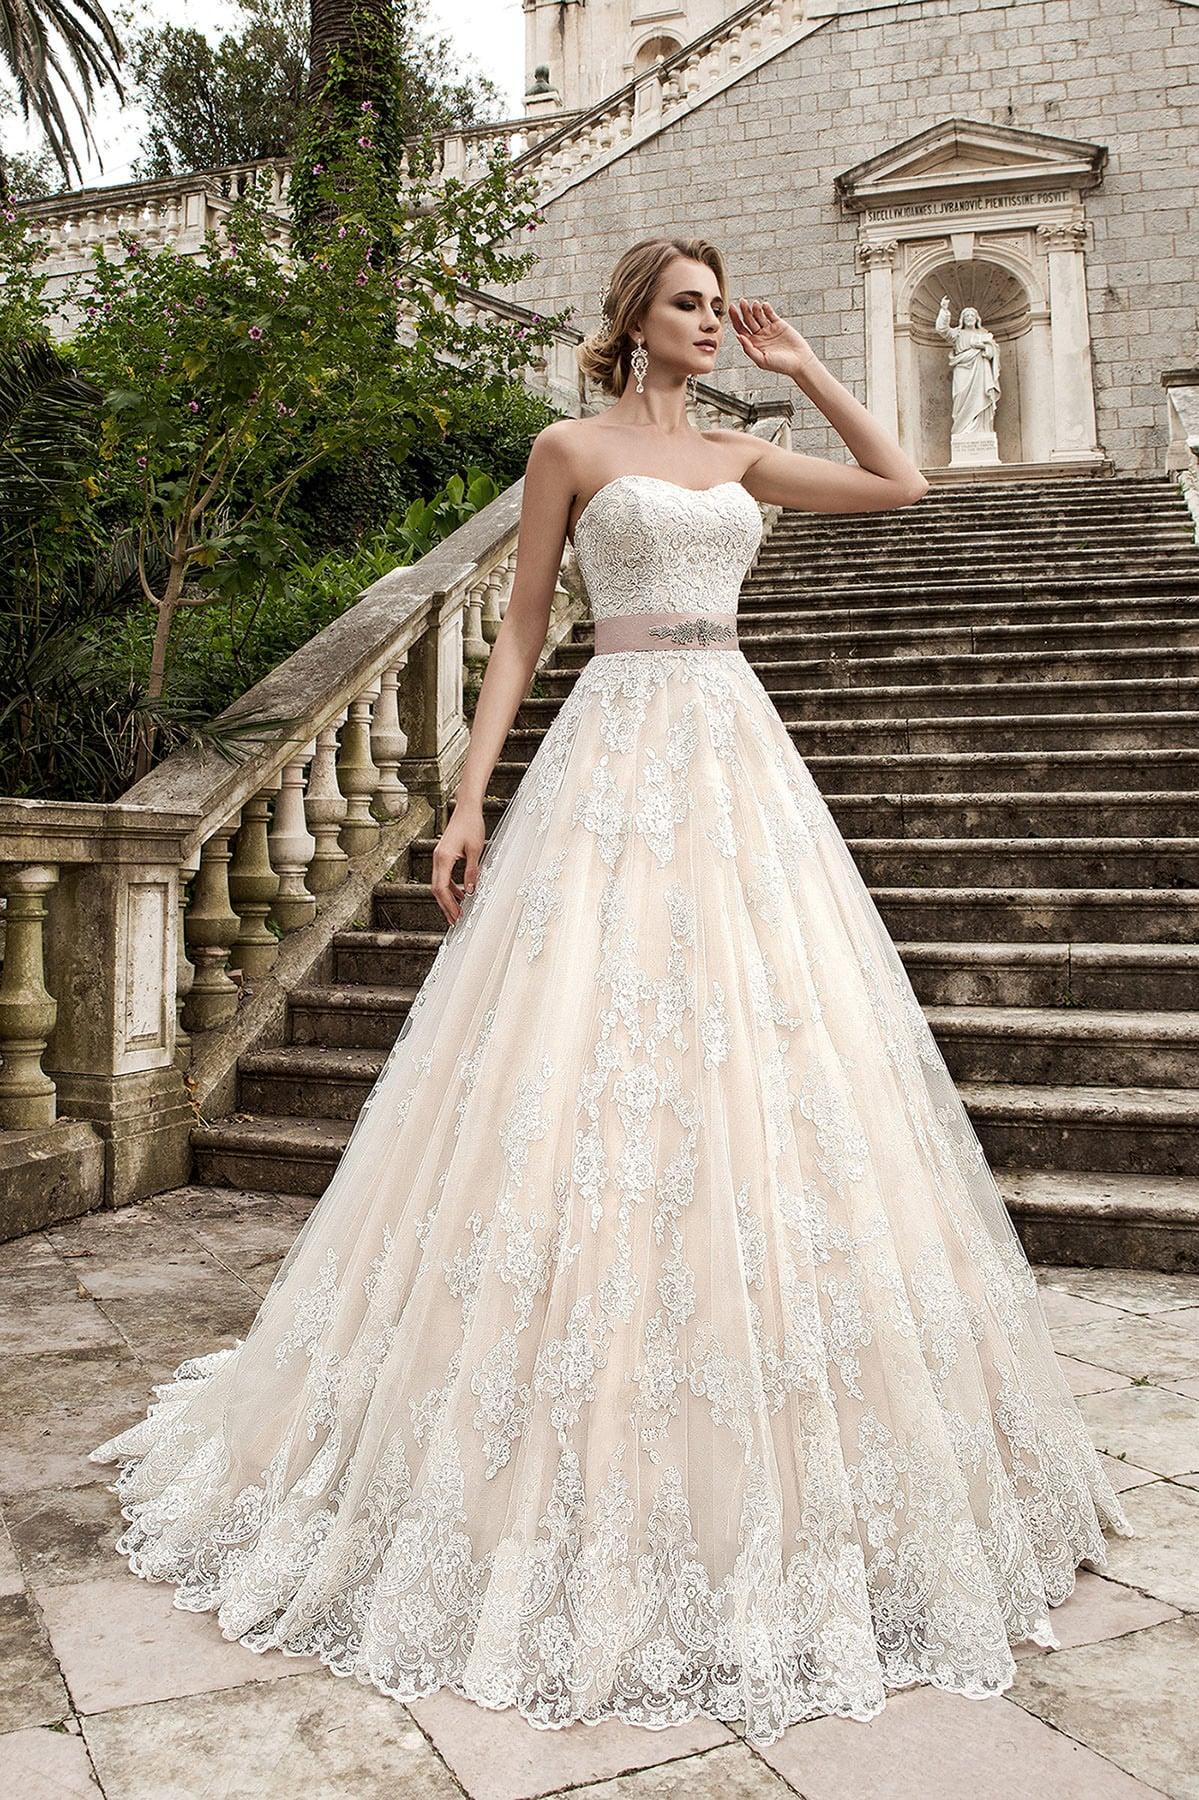 Mary свадебные платья